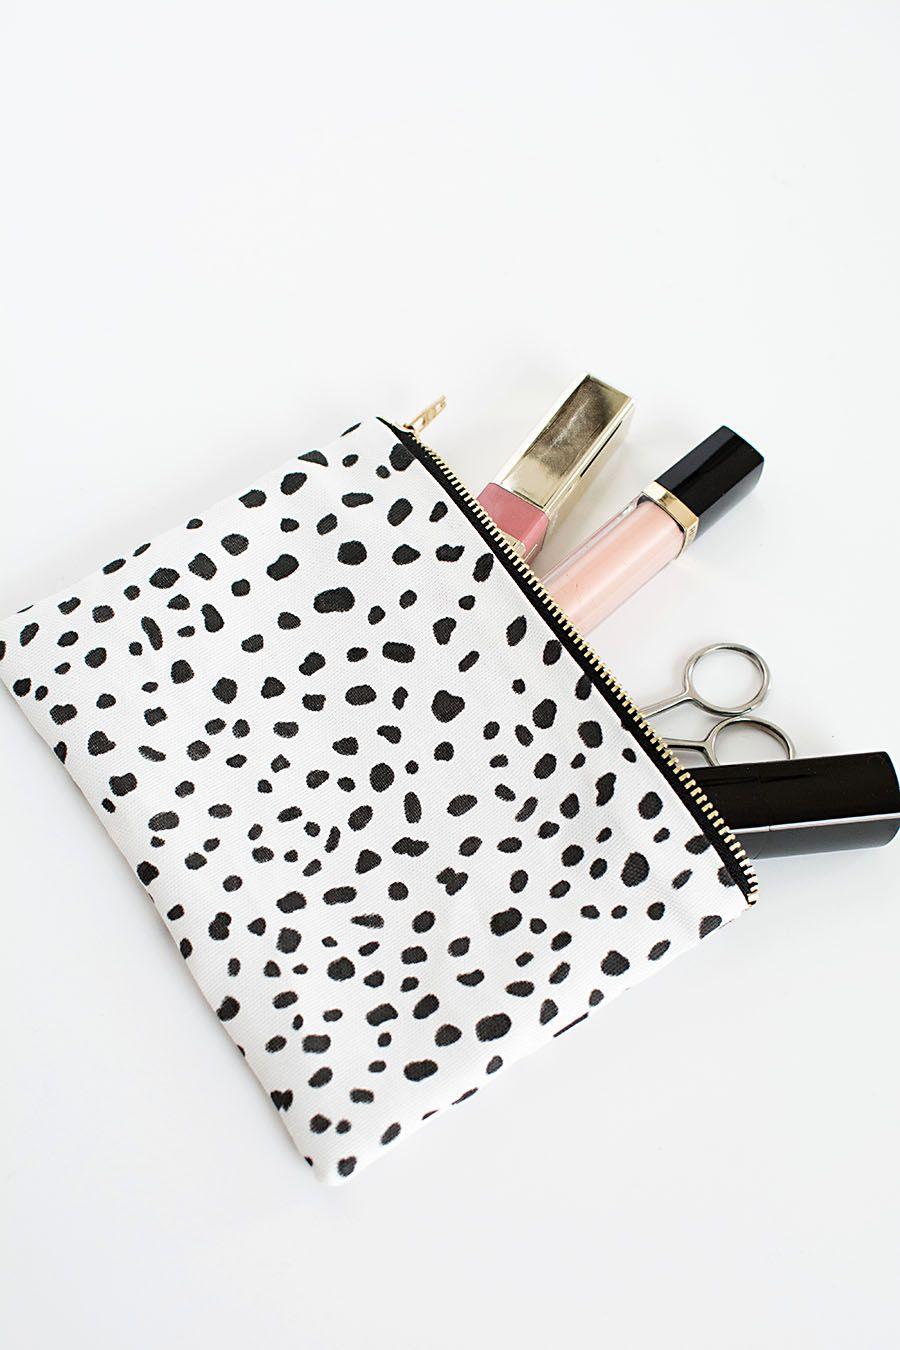 DIY No Sew Zipper Pouch Diy makeup bag, Diy makeup bag